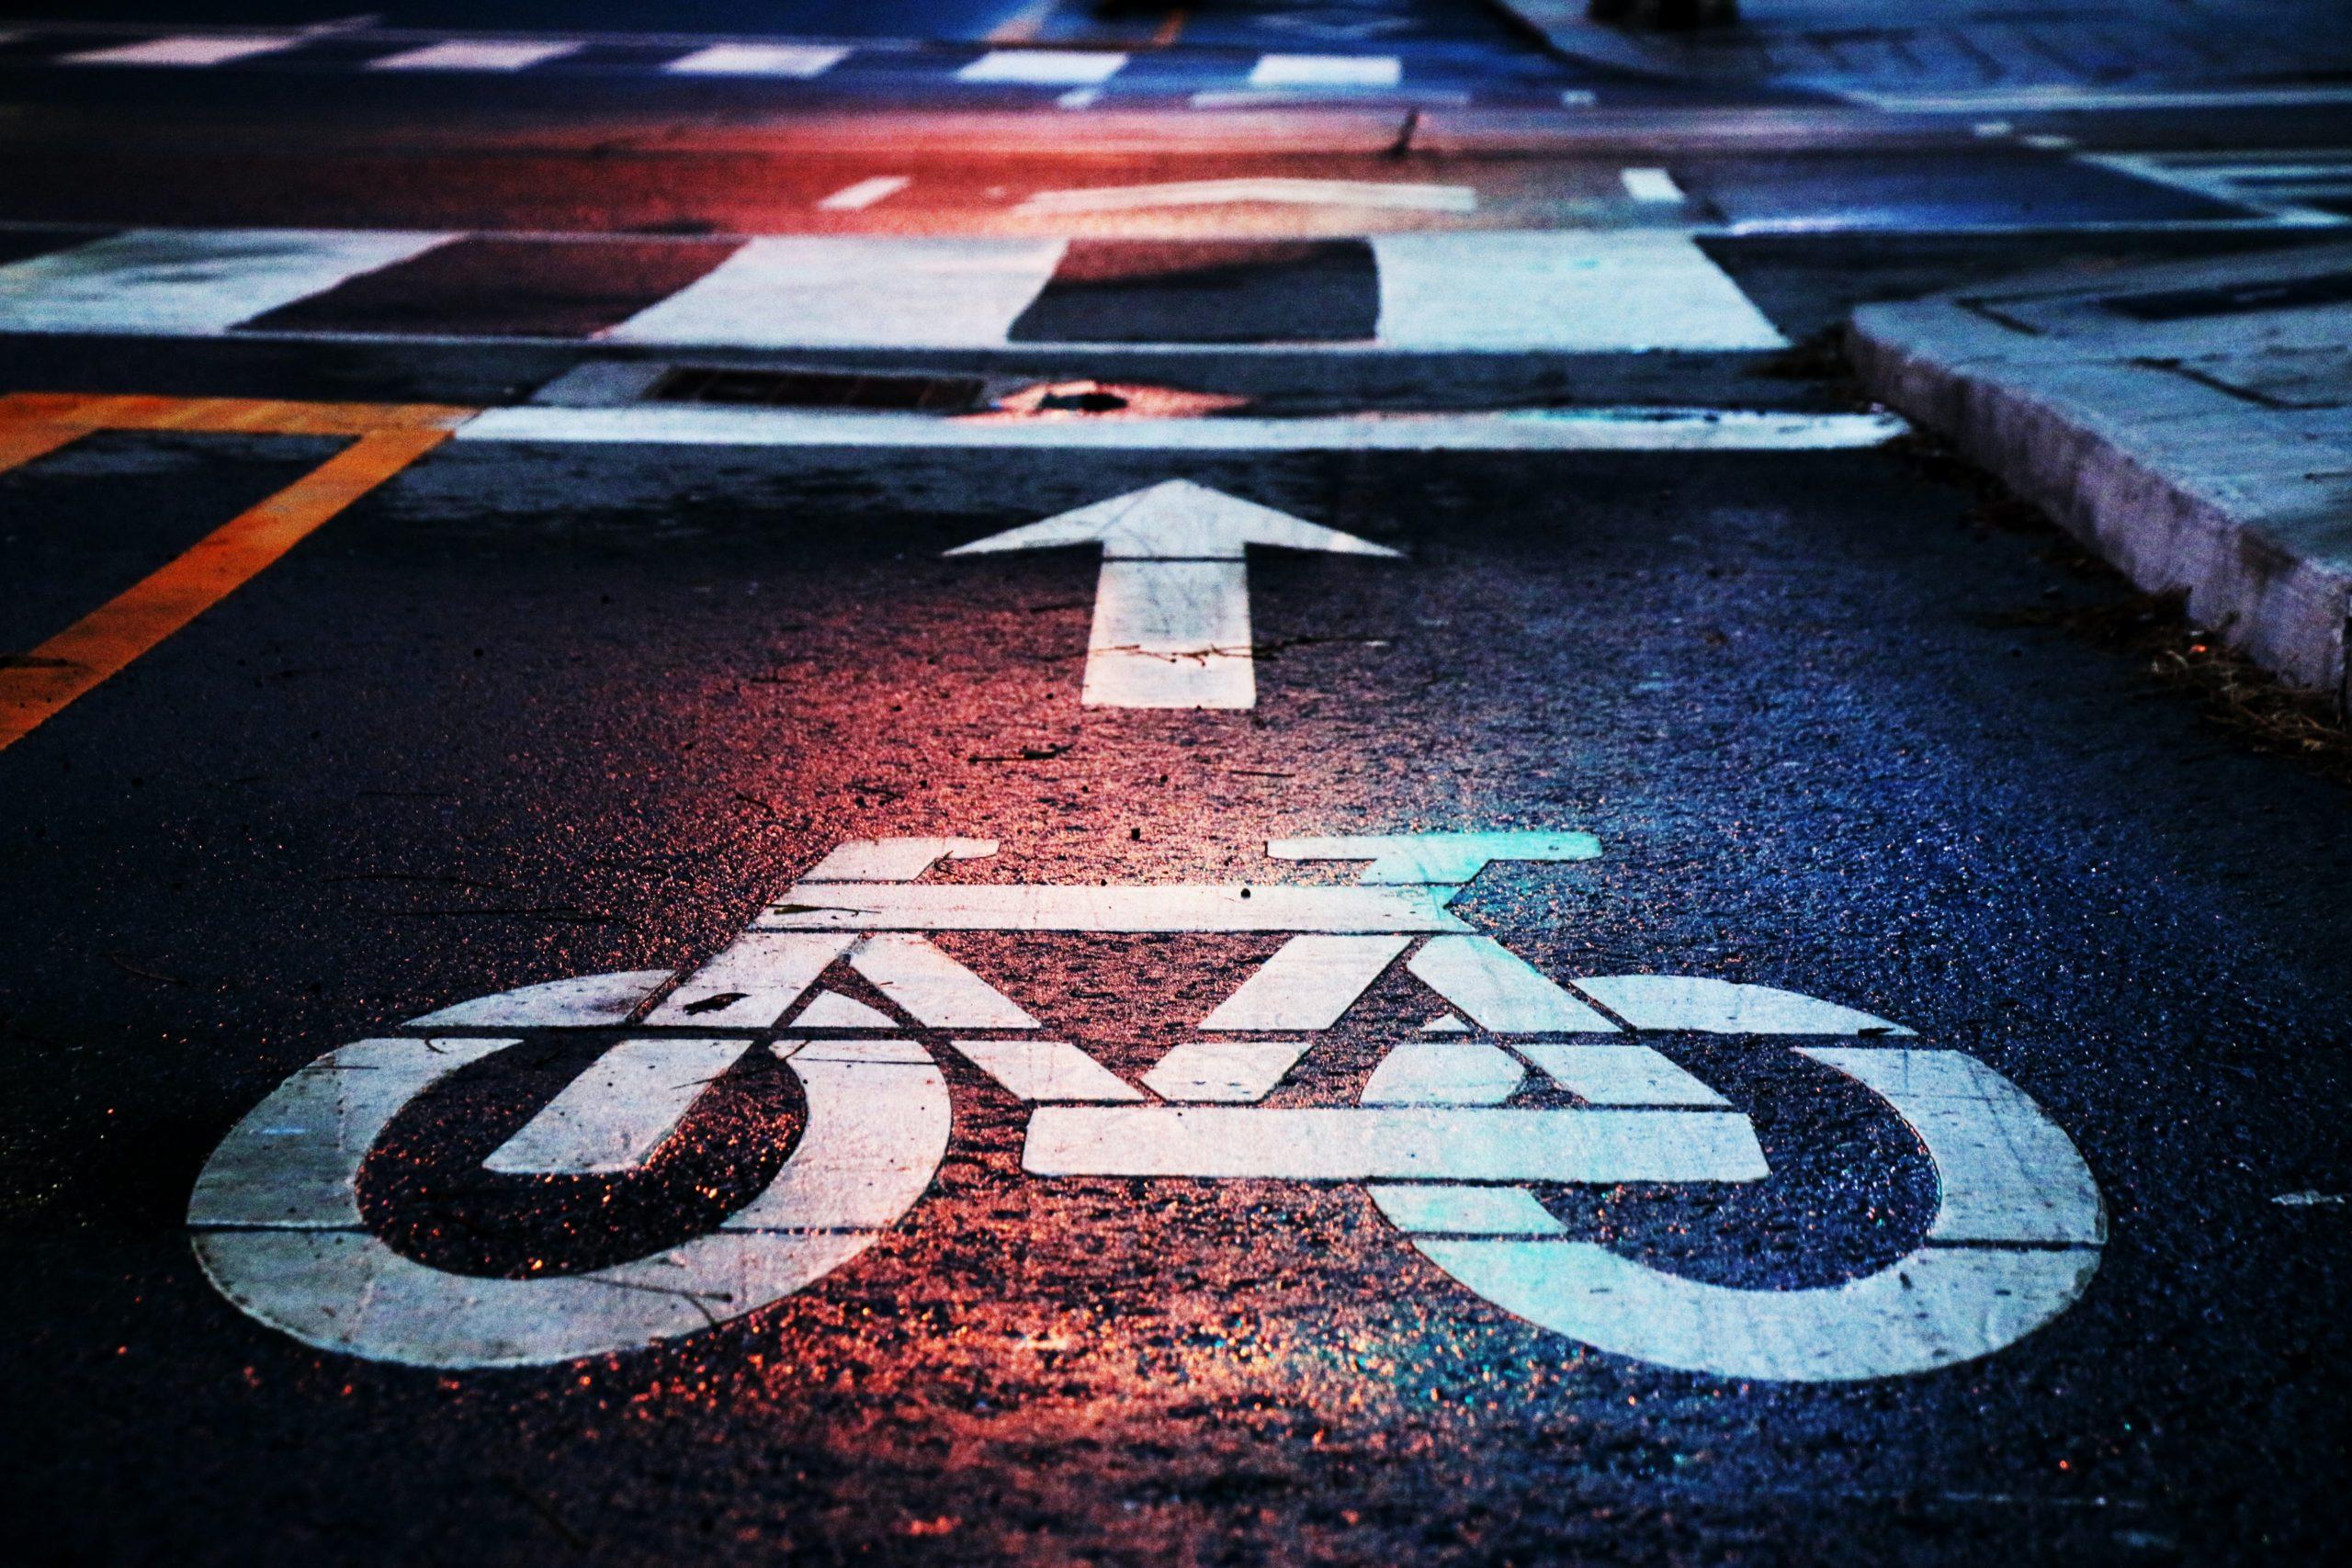 Mehr Menschen fürs Radfahren gewinnen - Radinfrastruktur sicher und inklusiv gestalten